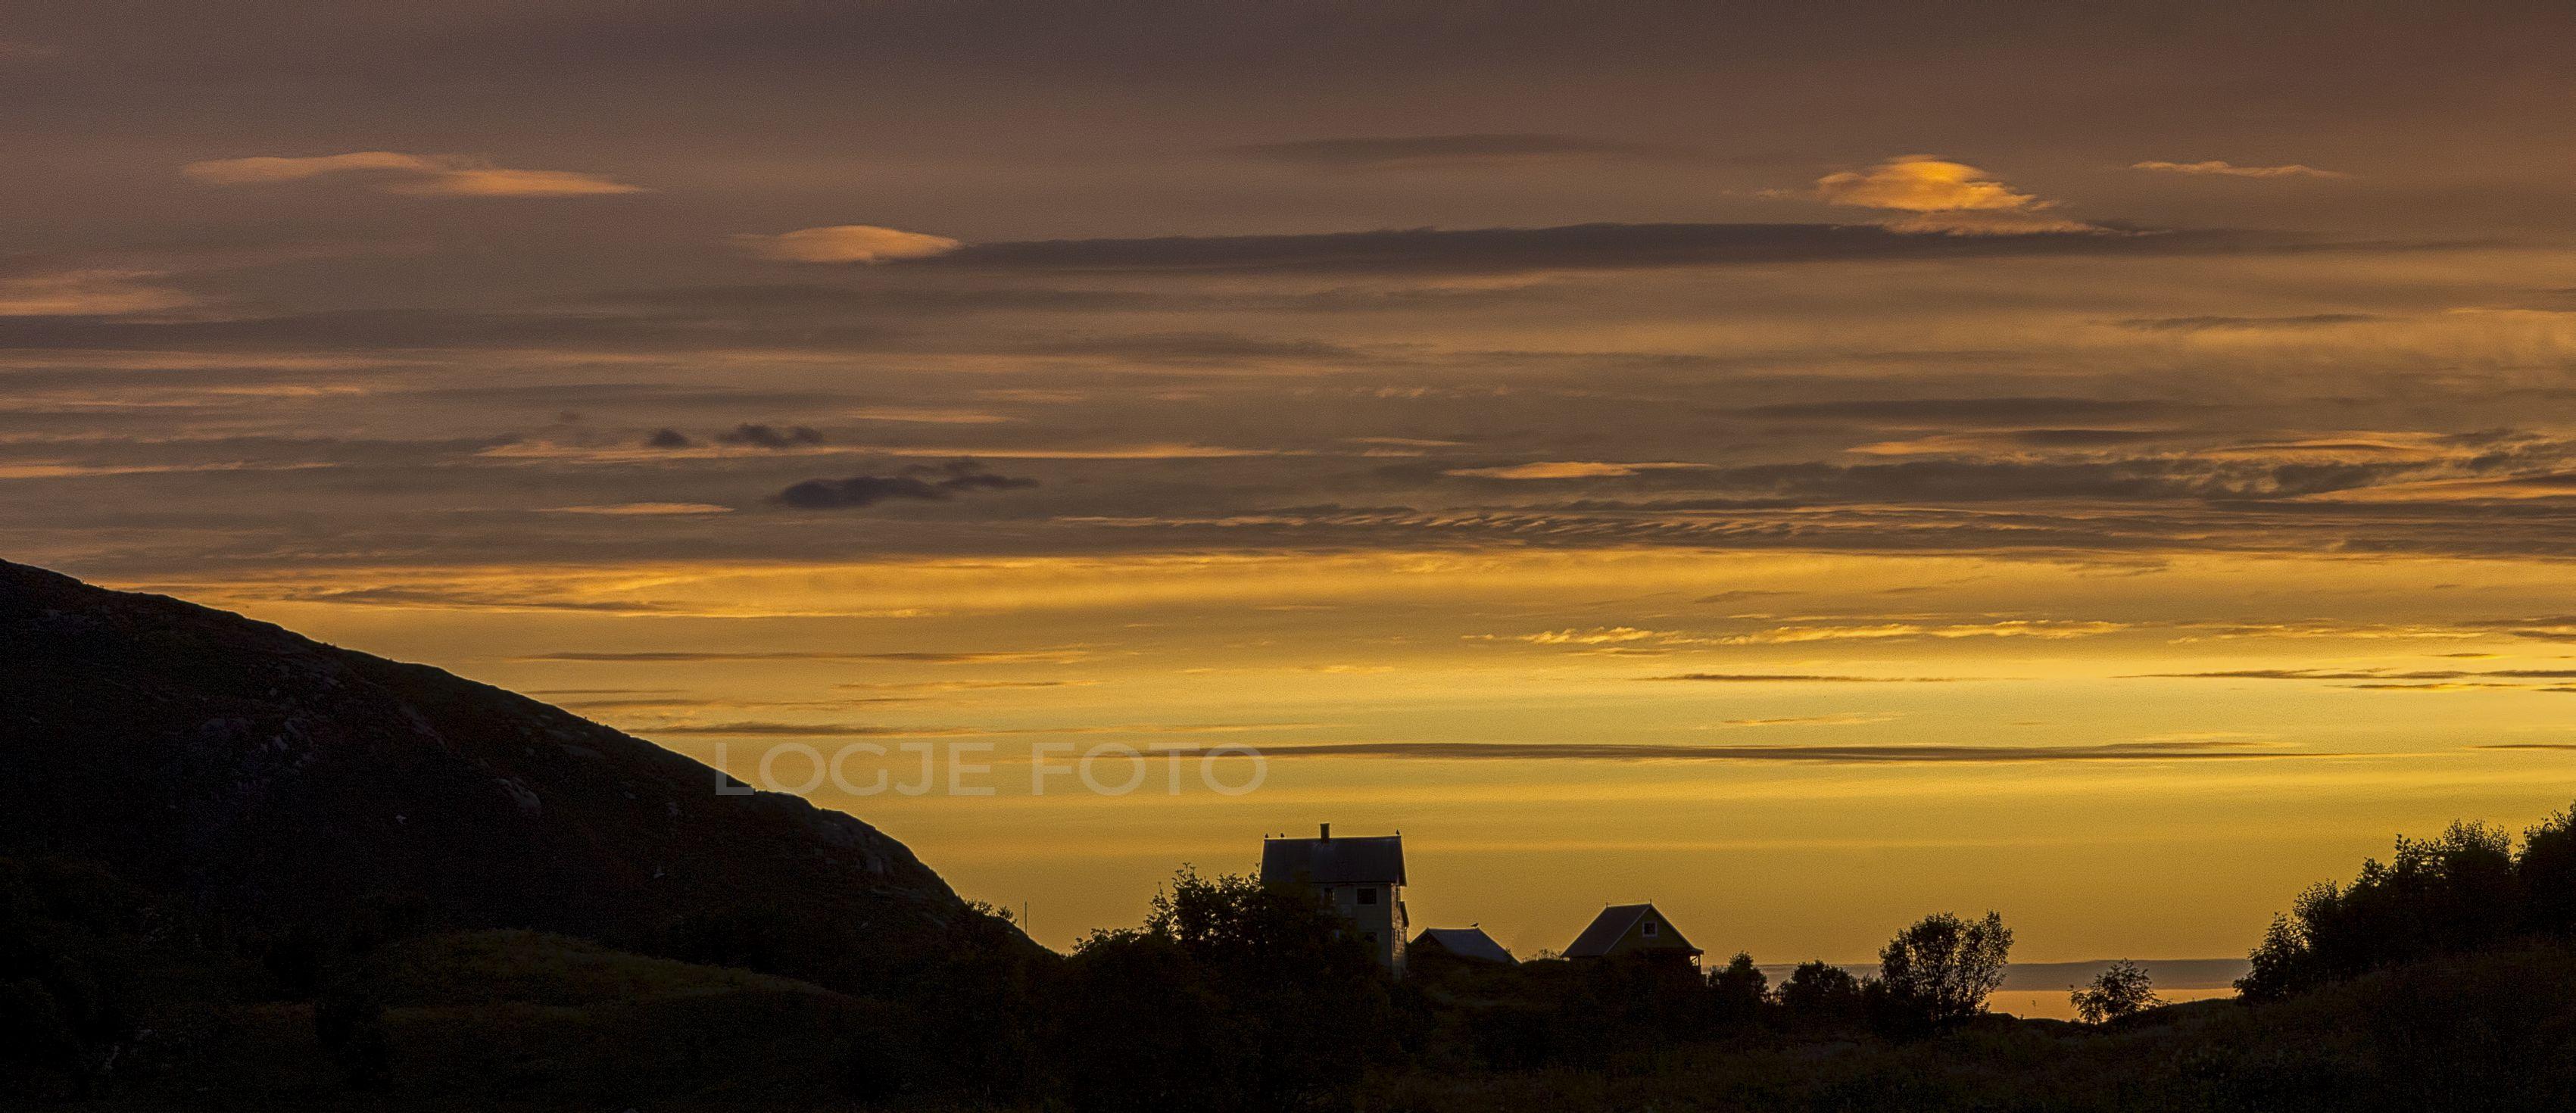 Sunset in sommarøy #1